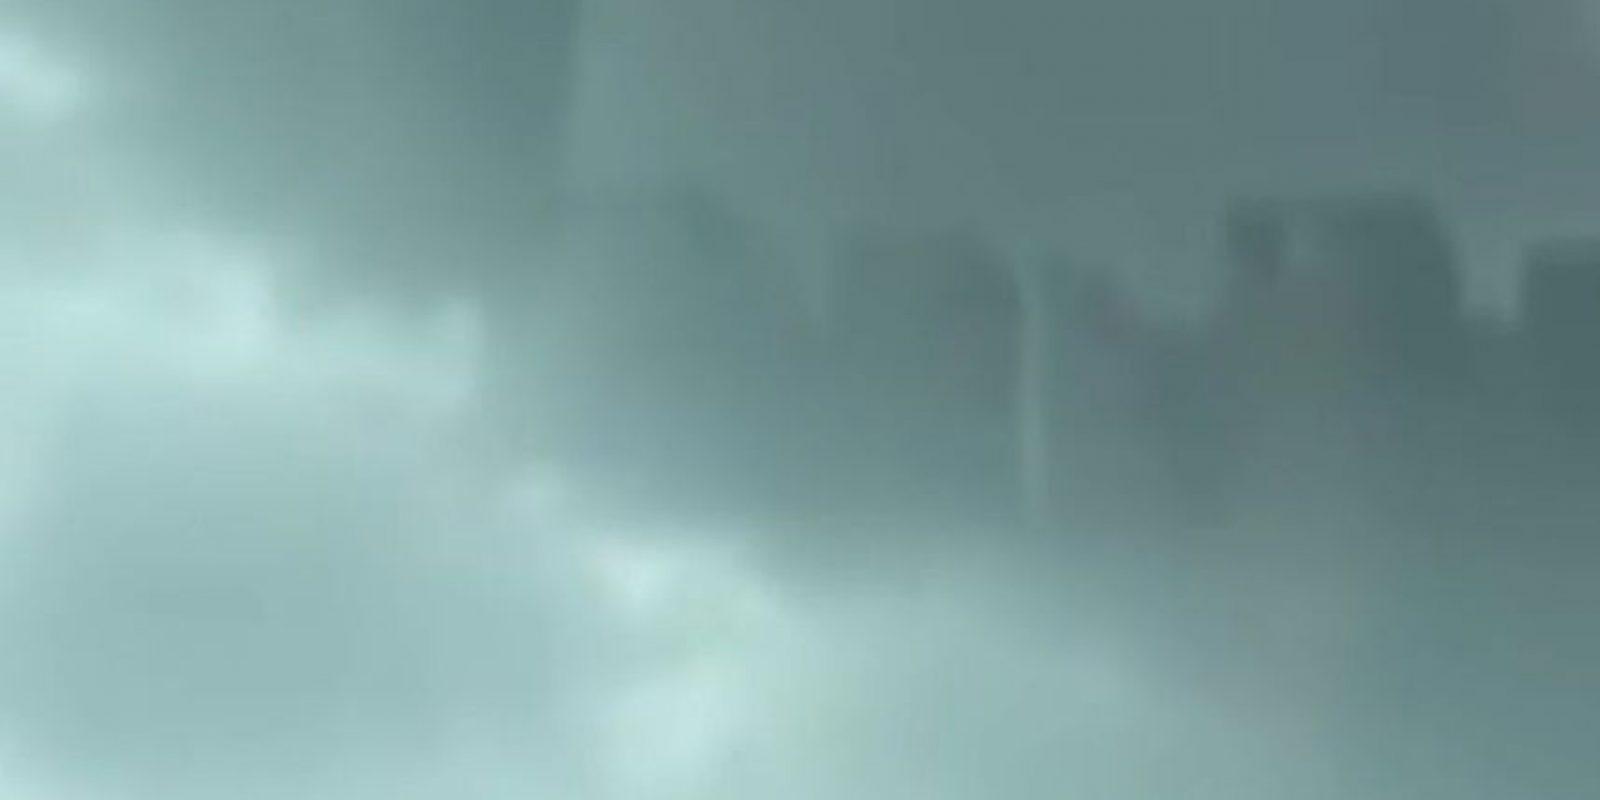 """Jill Coleman, científica atmosférica de la Universidad Estatal Ball en Muncie, Indiana, dijo a la revista """"National Geographic"""" que """"de ser real, se llamaría un espejismo superior, lo que significa que es un espejismo que se proyecta hacia arriba"""". Sin embargo, """"CNN"""" reseñó que meteorólogos de China aseguraron que el video era falso Foto:Youtube UFOSightings2010"""